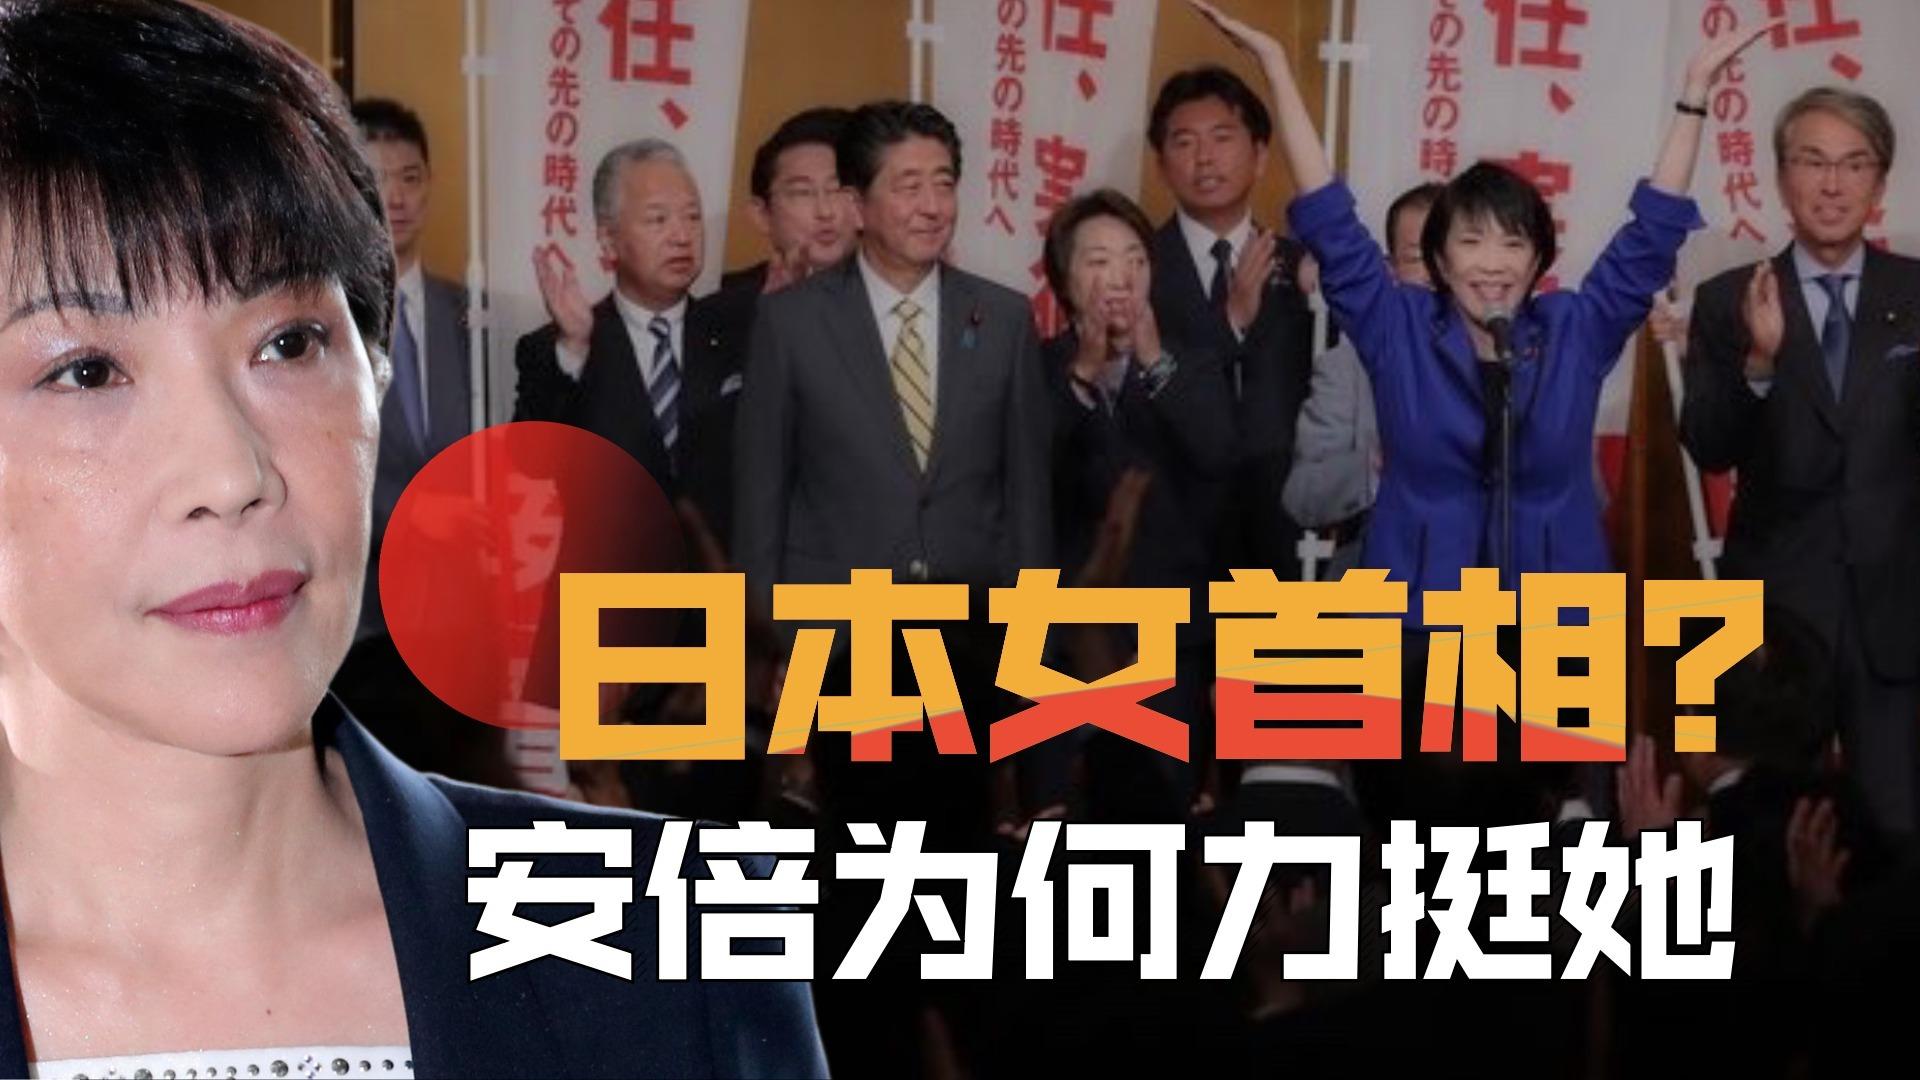 日本或诞生第一位女首相:称会一直参拜靖国神社,也曾叫板中国|李淼的日本观察